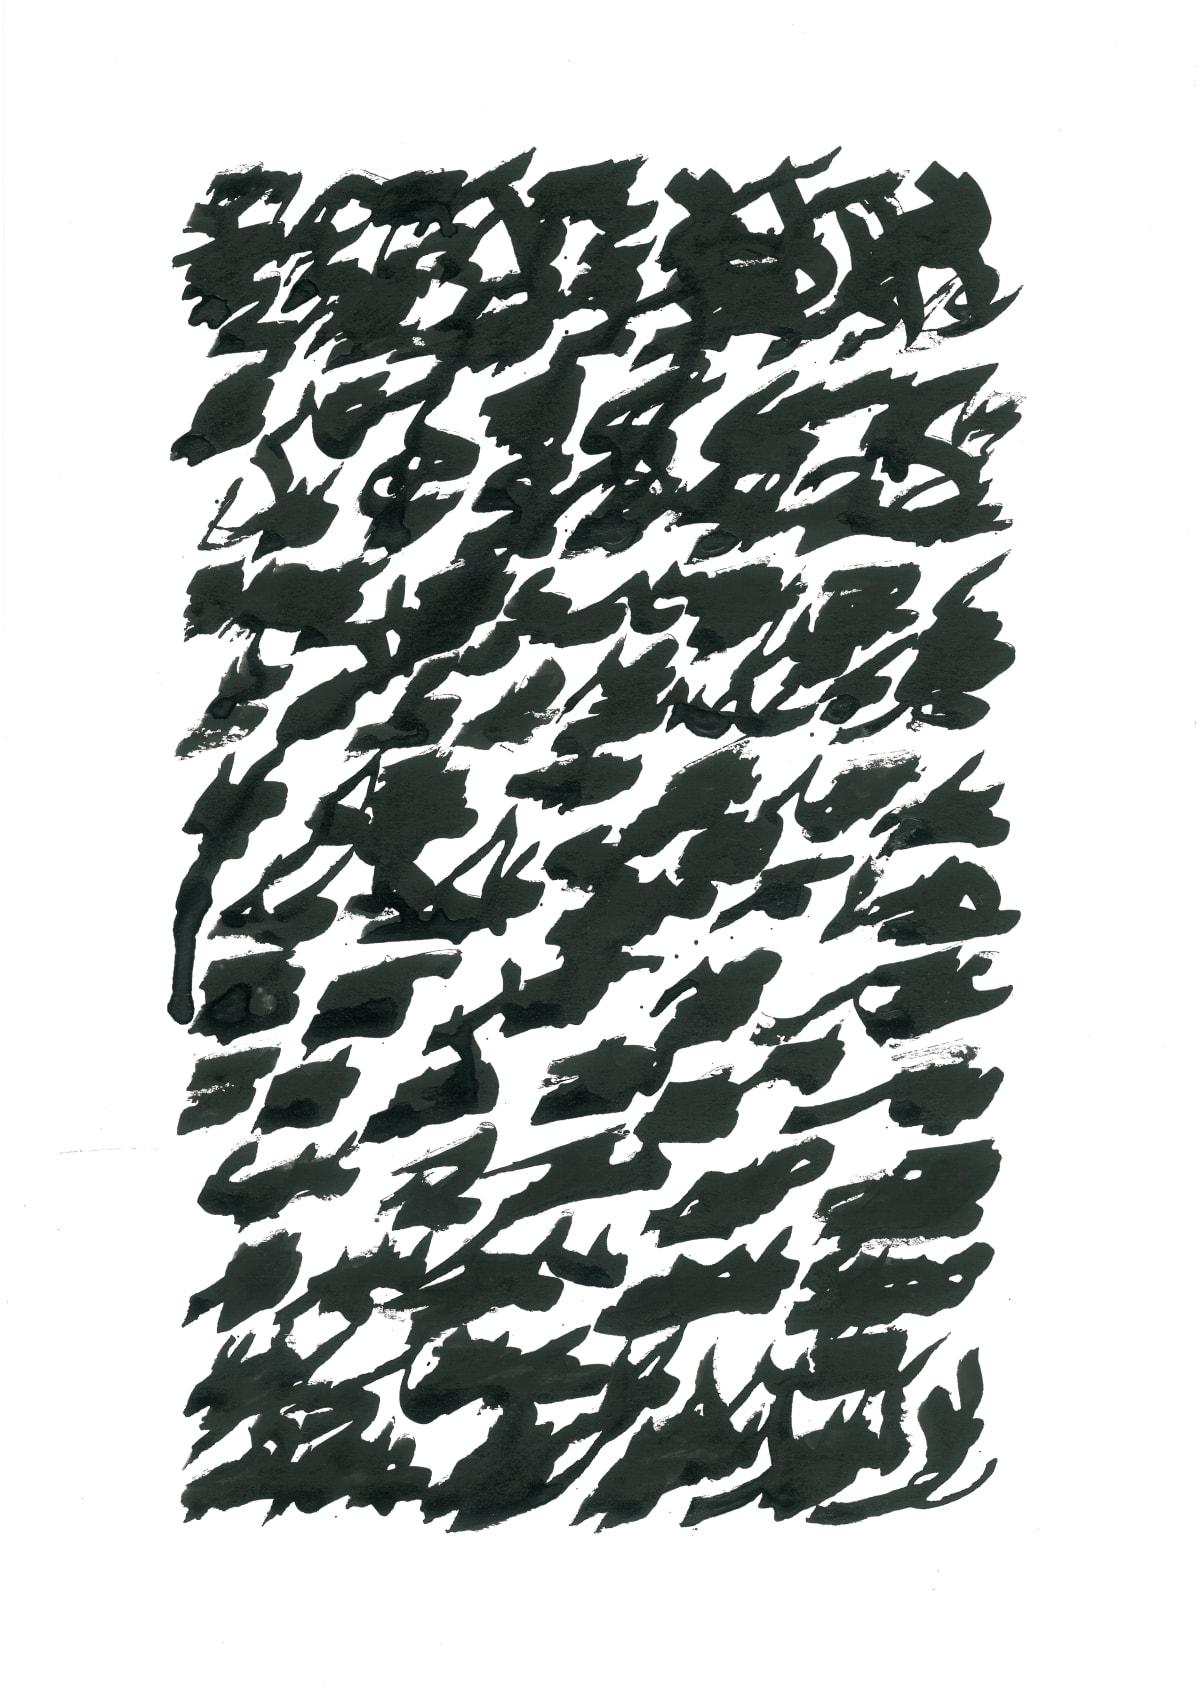 Mohammad Ali Talpur Untitled (Alif Series, 8), 2020 Ink on paper 42 x 29 cm 16 1/2 x 11 7/16 in